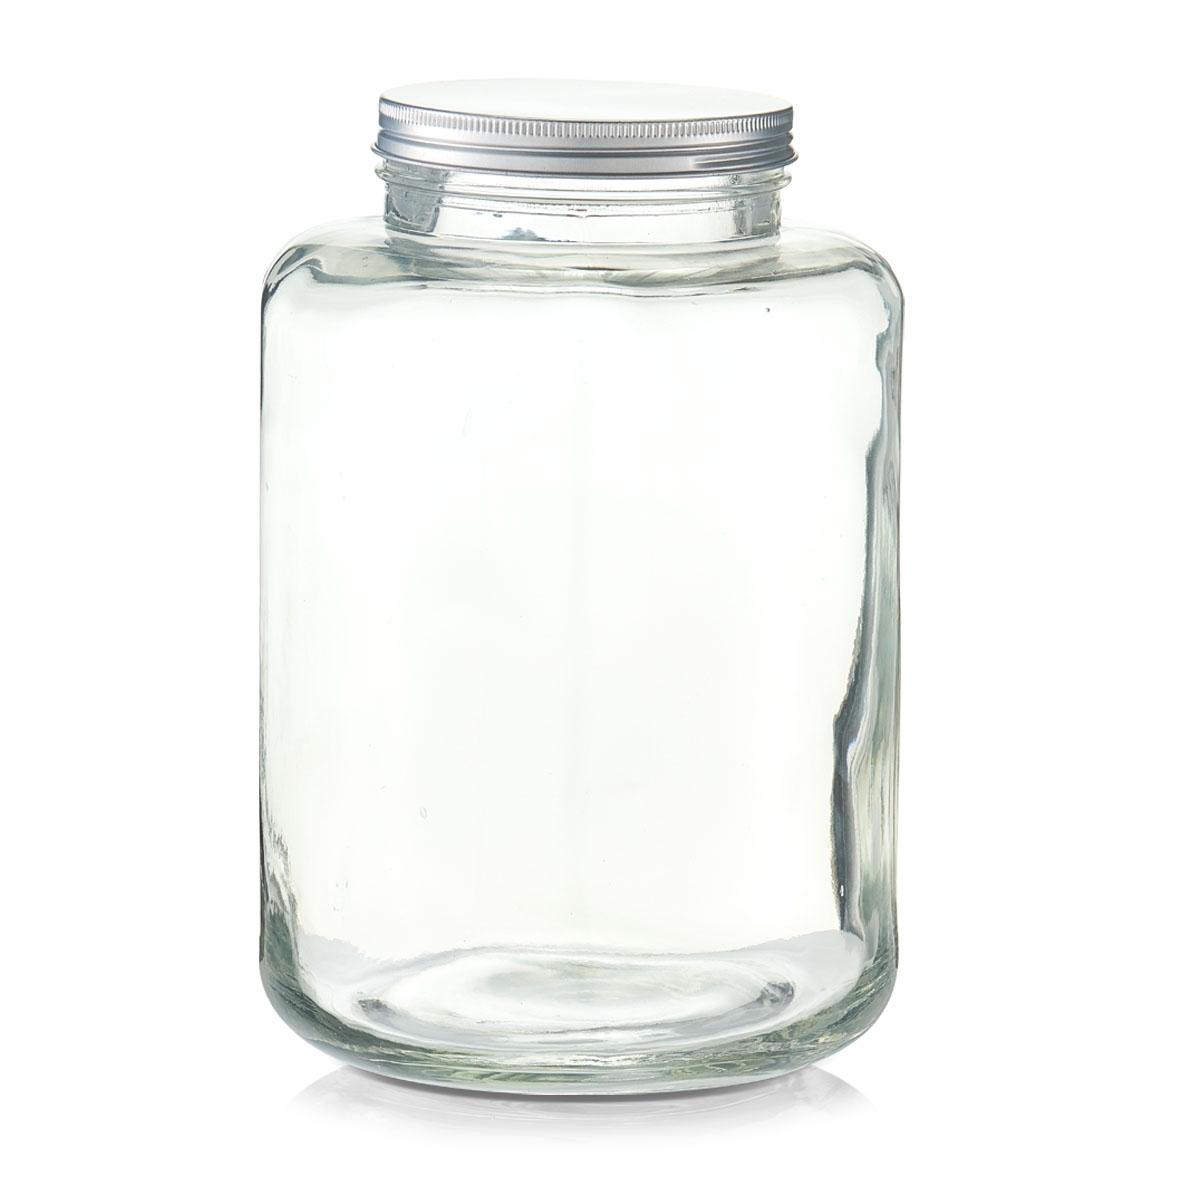 Borcan pentru depozitare din sticla, capac metalic, 7000 ml, Ø 20xH29,5 cm imagine